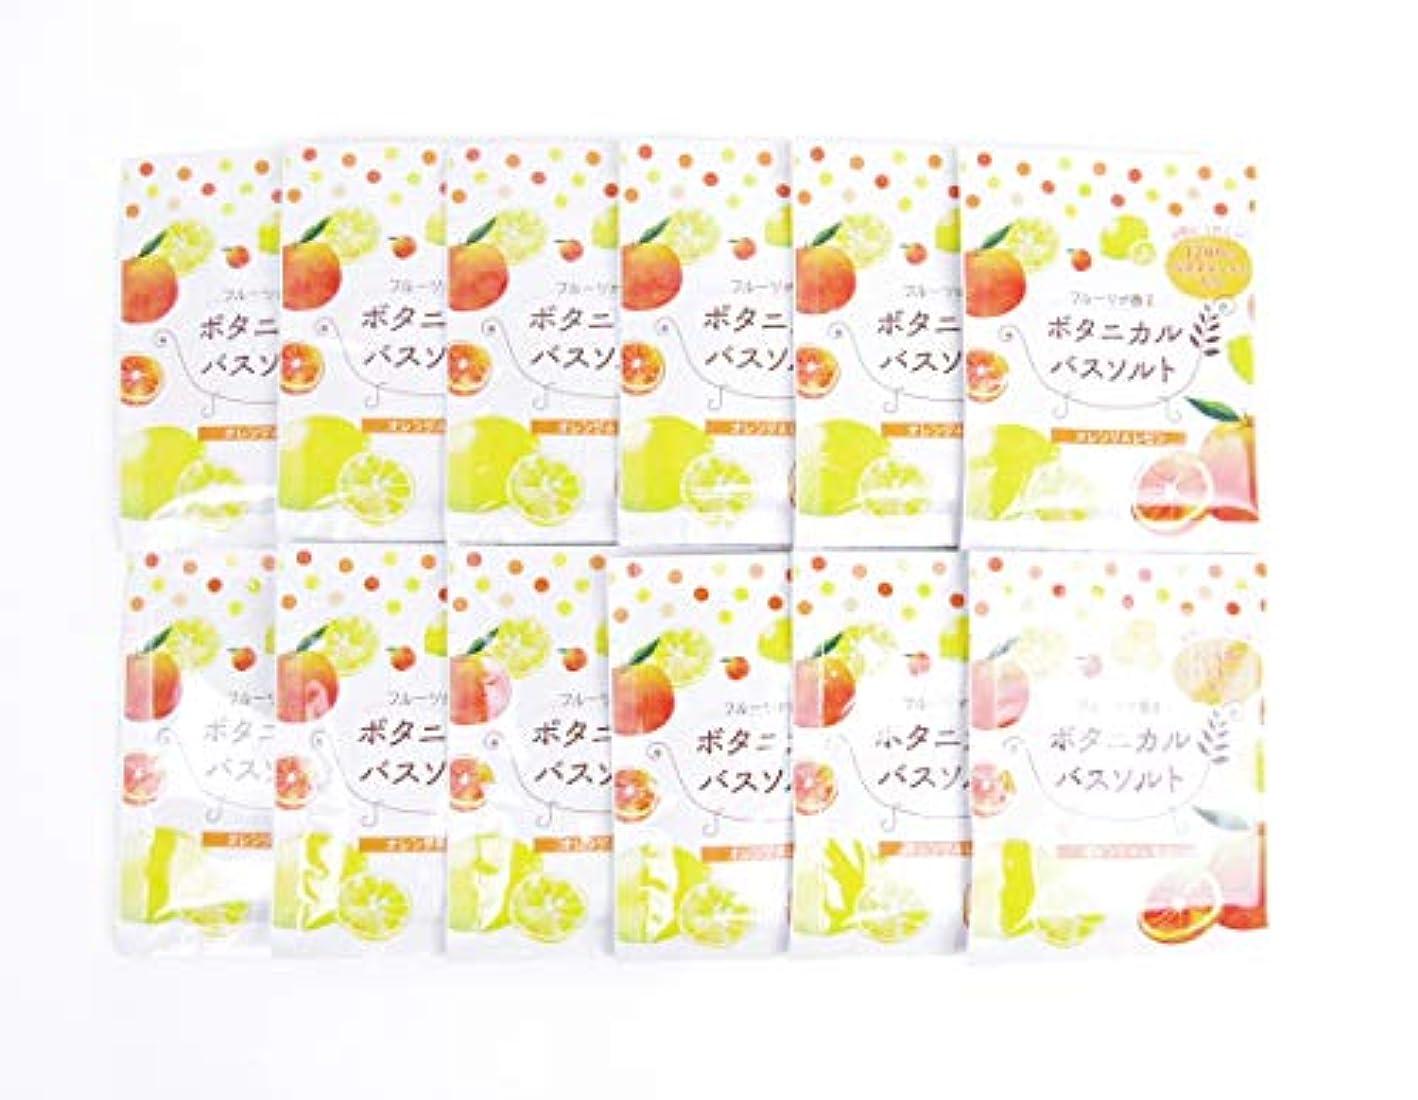 悪意マーガレットミッチェル偽造松田医薬品 フルーツが香るボタニカルバスソルト オレンジ&レモン 30g 12個セット